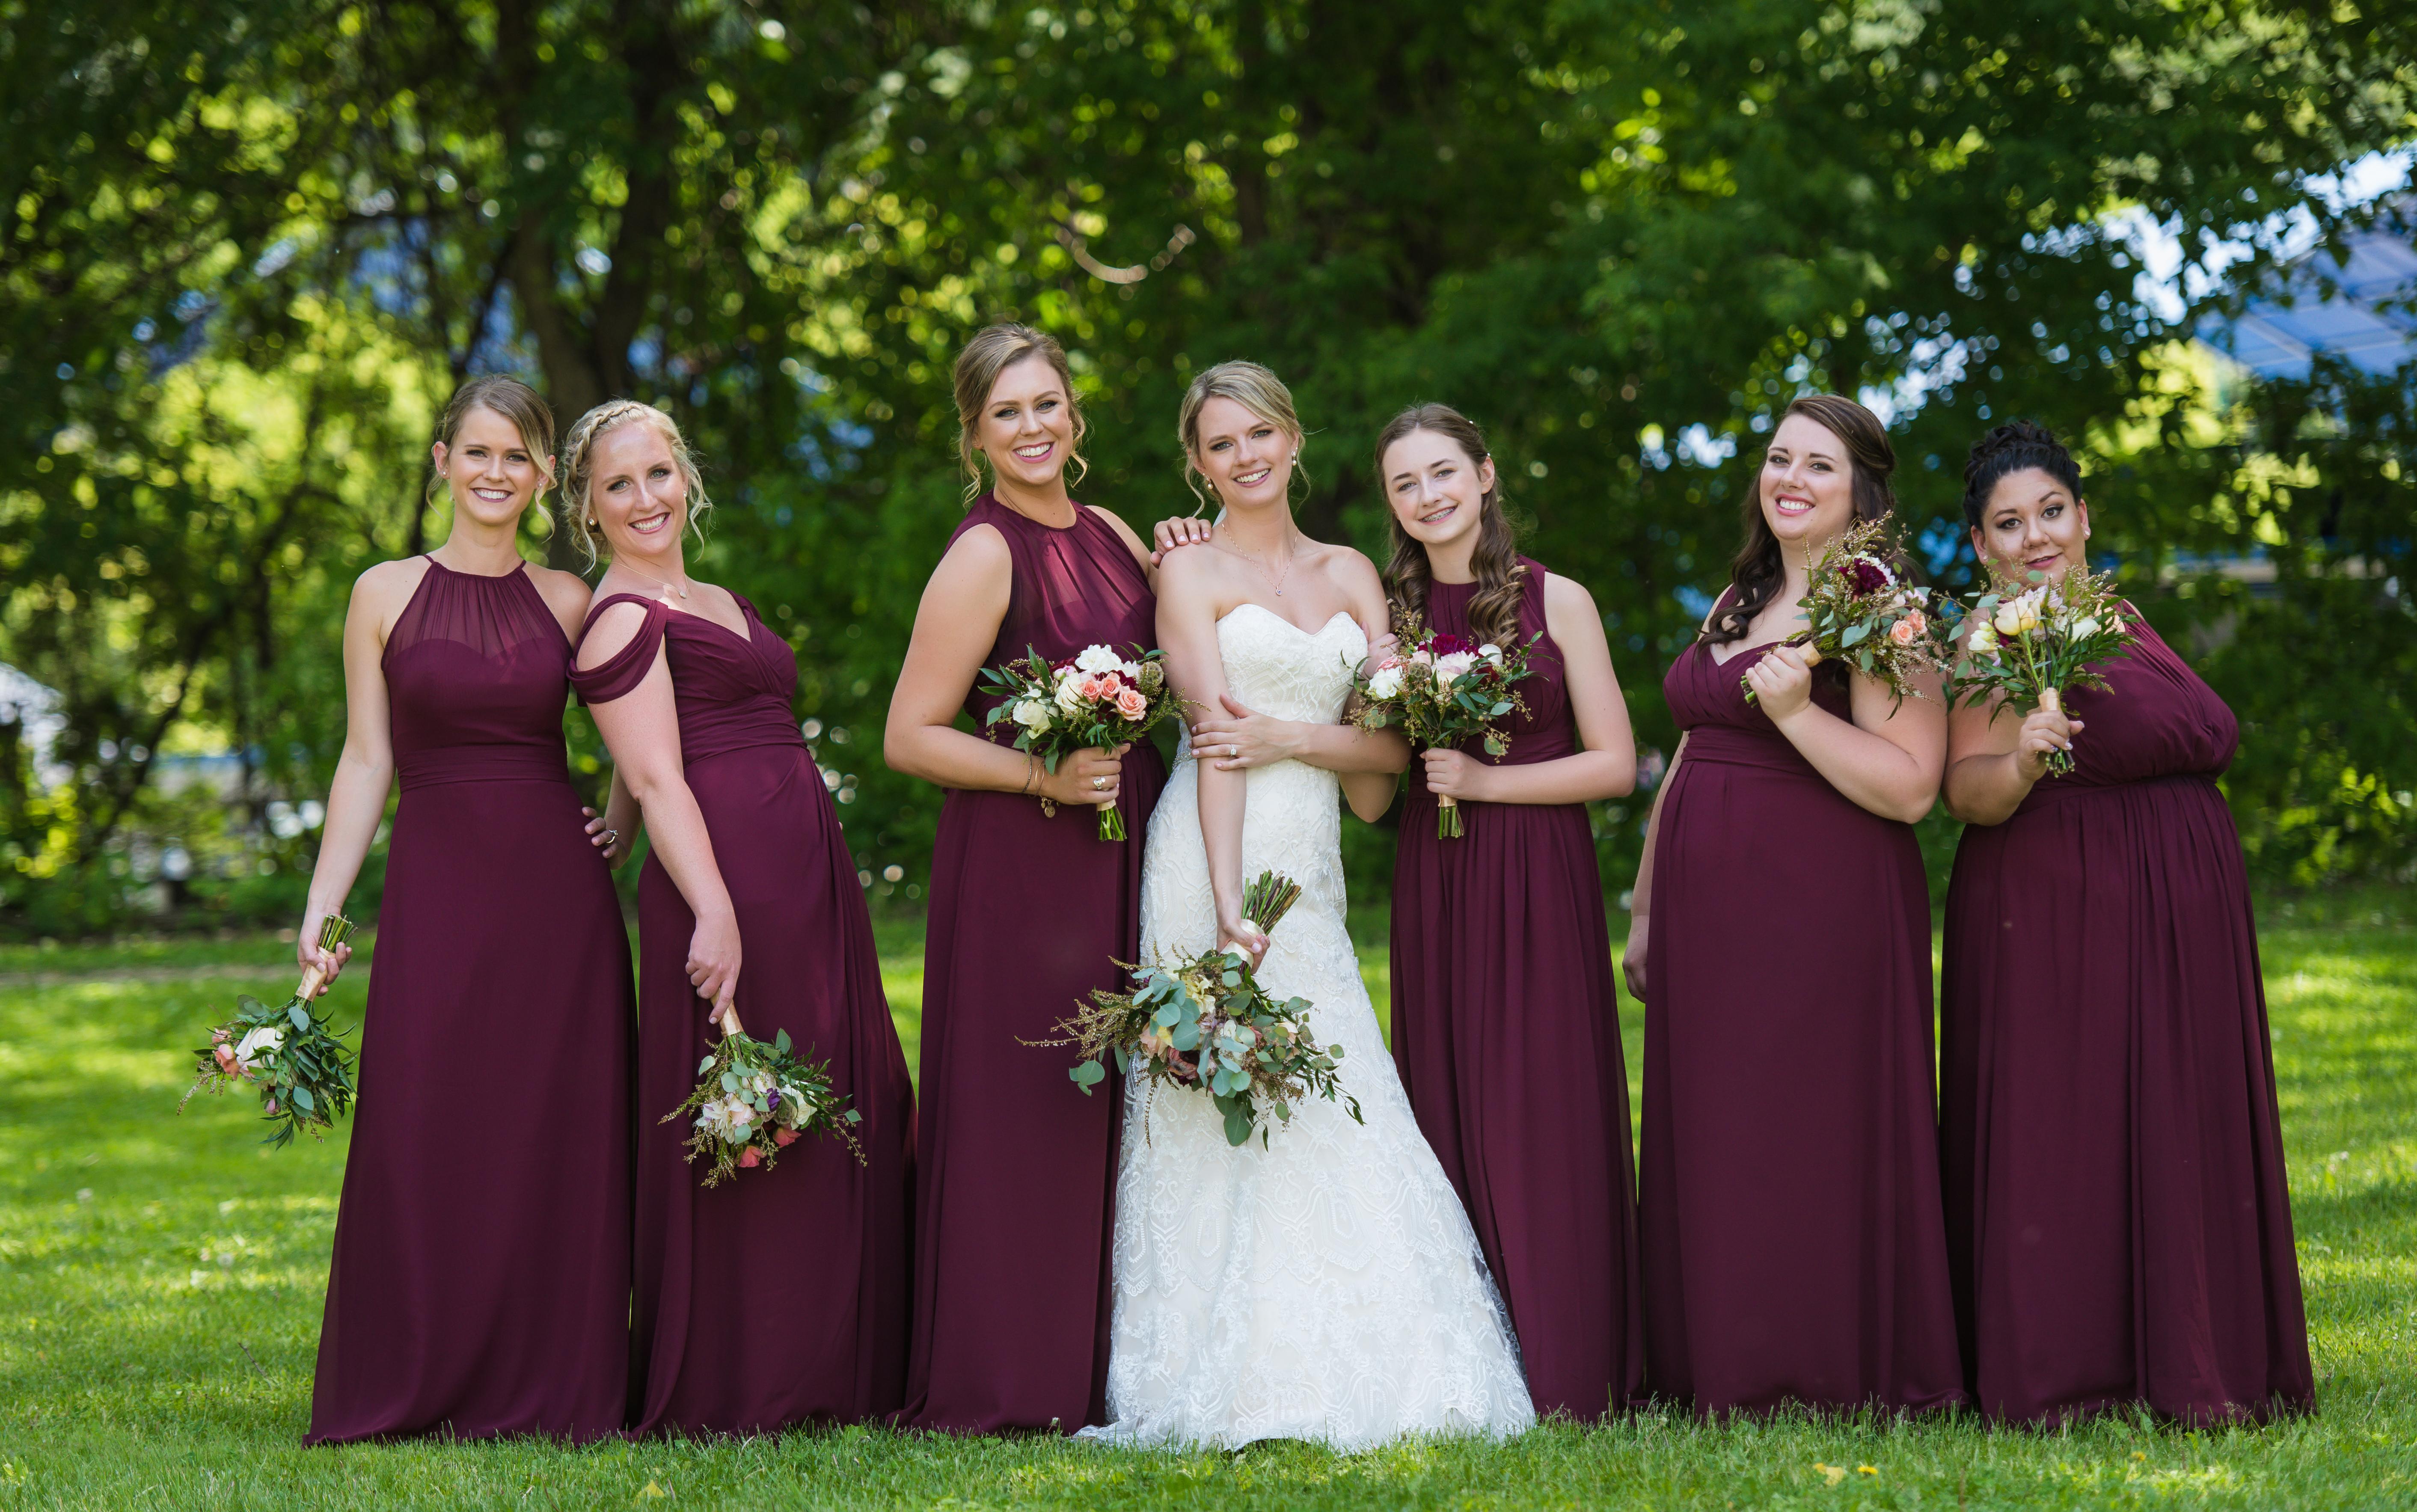 twincities wedding photography east oaks photography wedding photo (7)